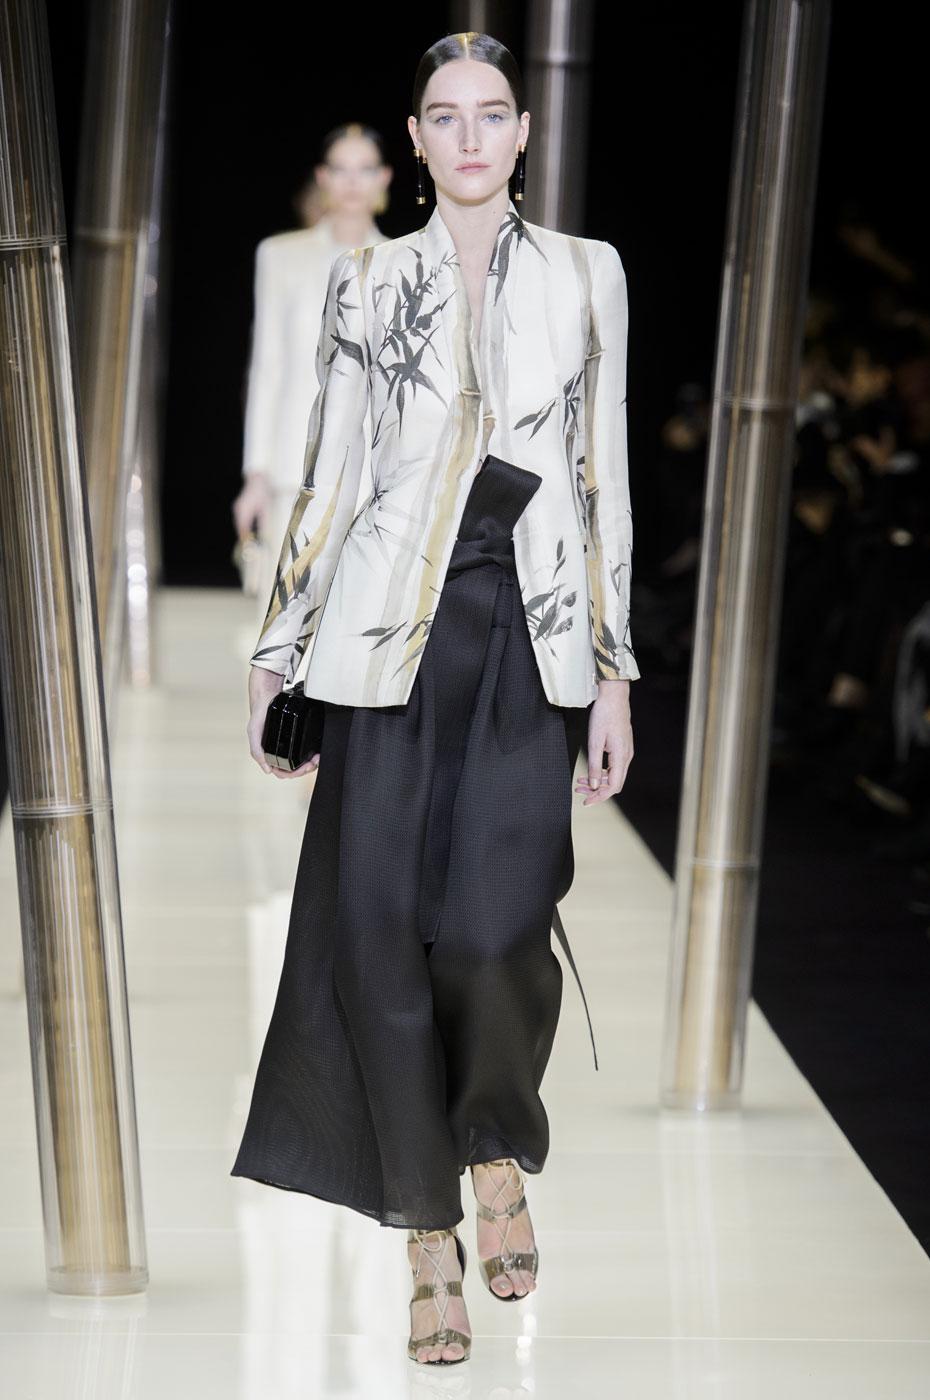 Giorgio-armani-Prive-fashion-runway-show-haute-couture-paris-spring-2015-the-impression-005